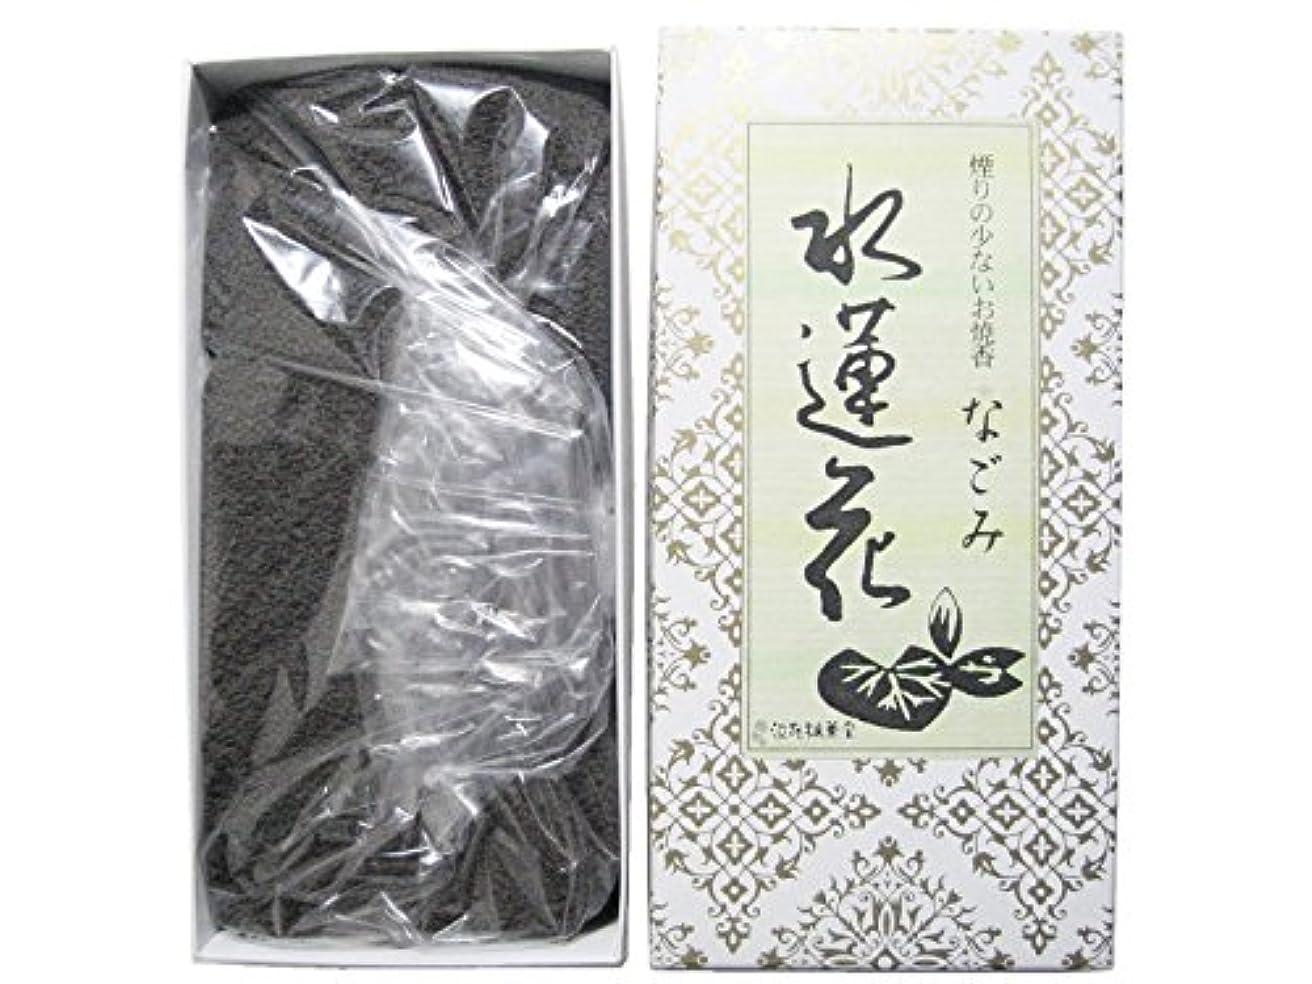 時間側面暴露する淡路梅薫堂のお香 煙の少ないお焼香 なごみ 水蓮花 500g×5箱 #931